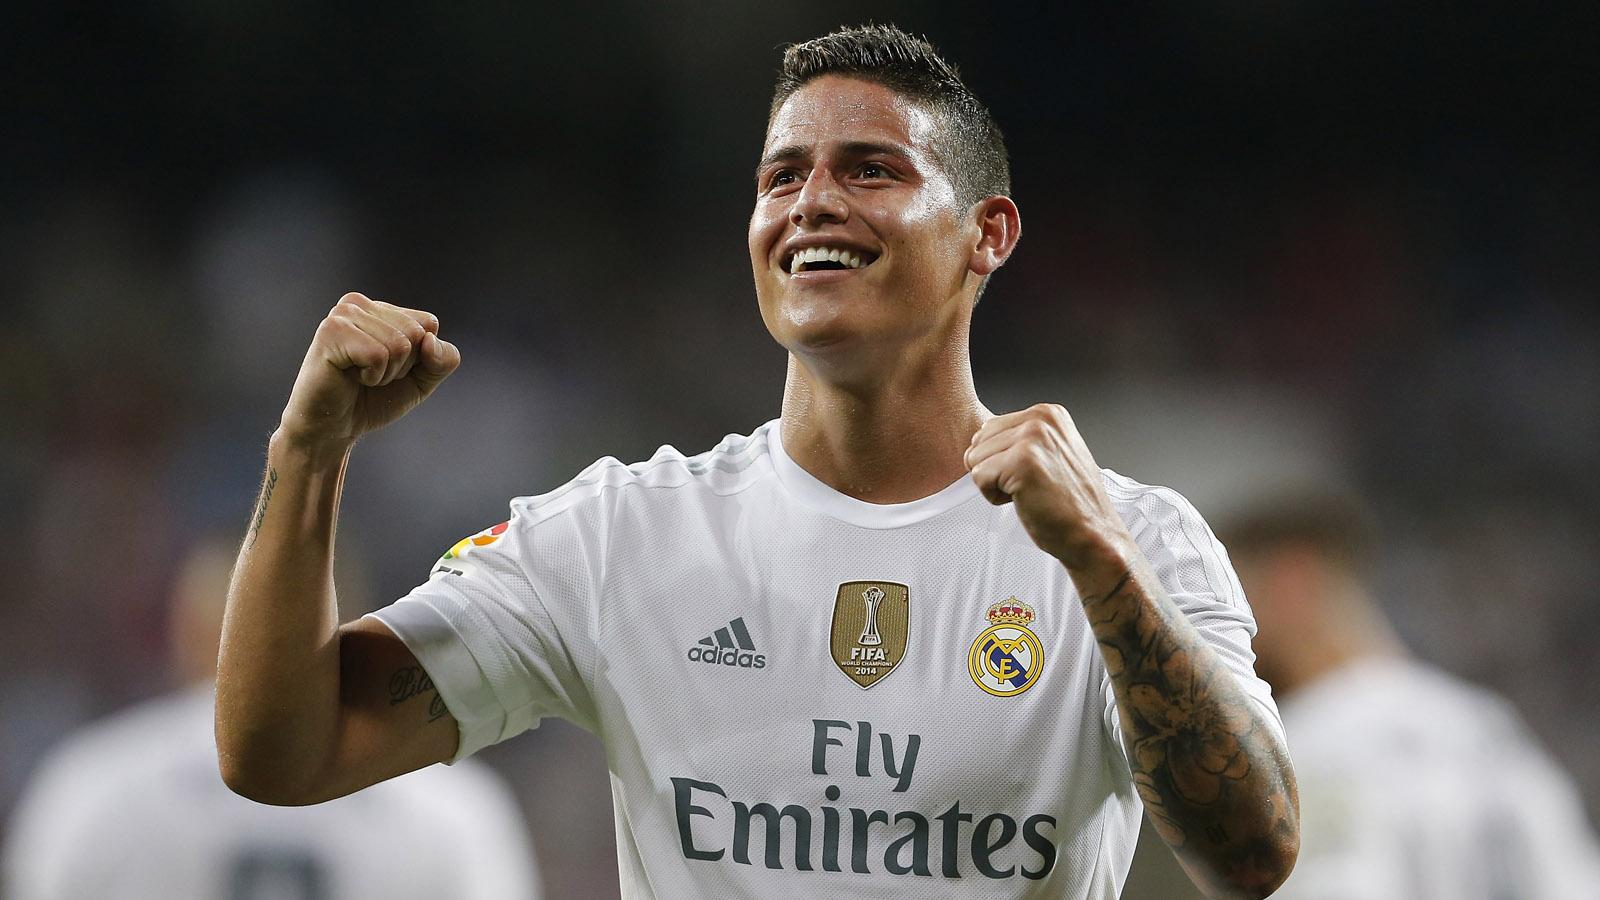 Man Utd ponder unsettled Real Madrid star James